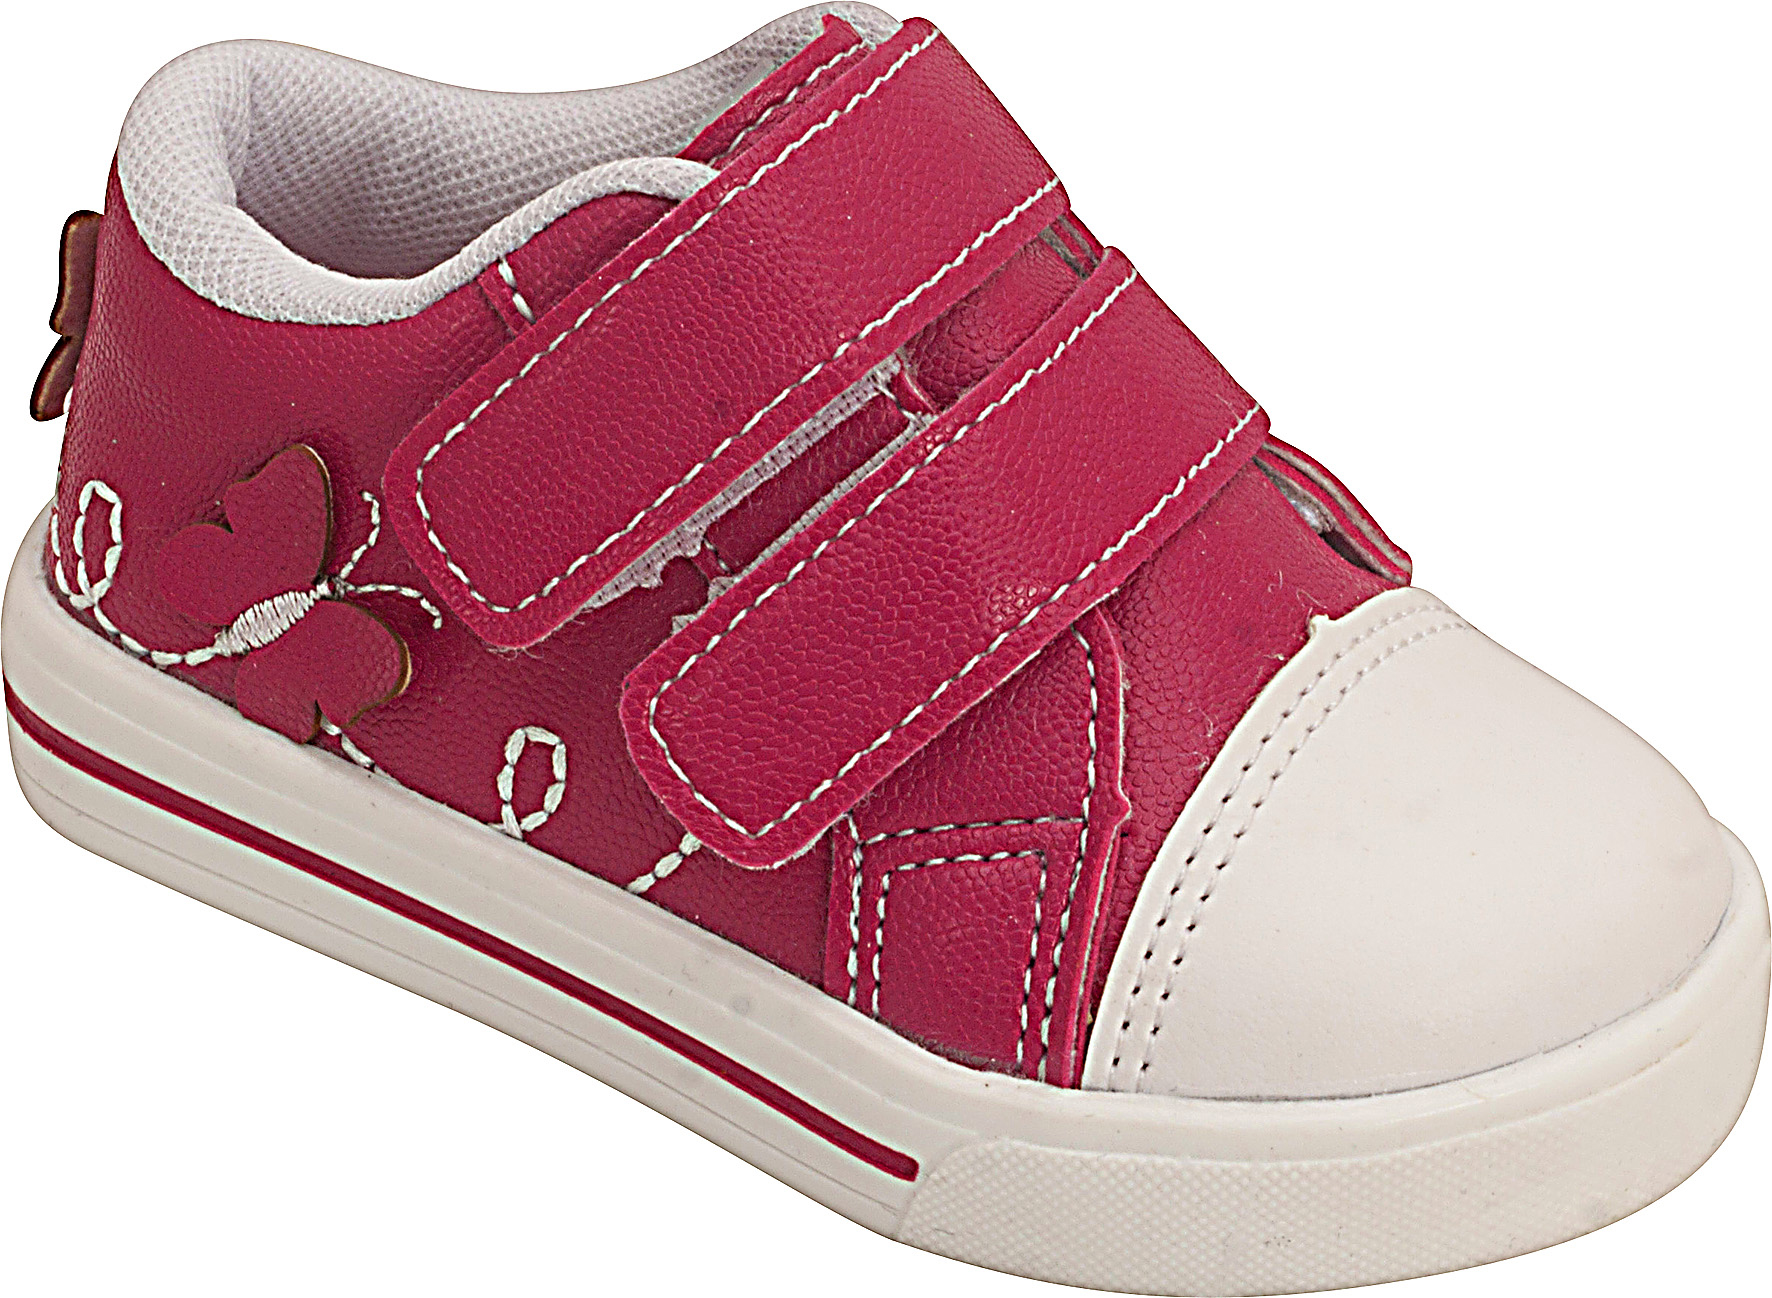 A2-20-12022 Pink